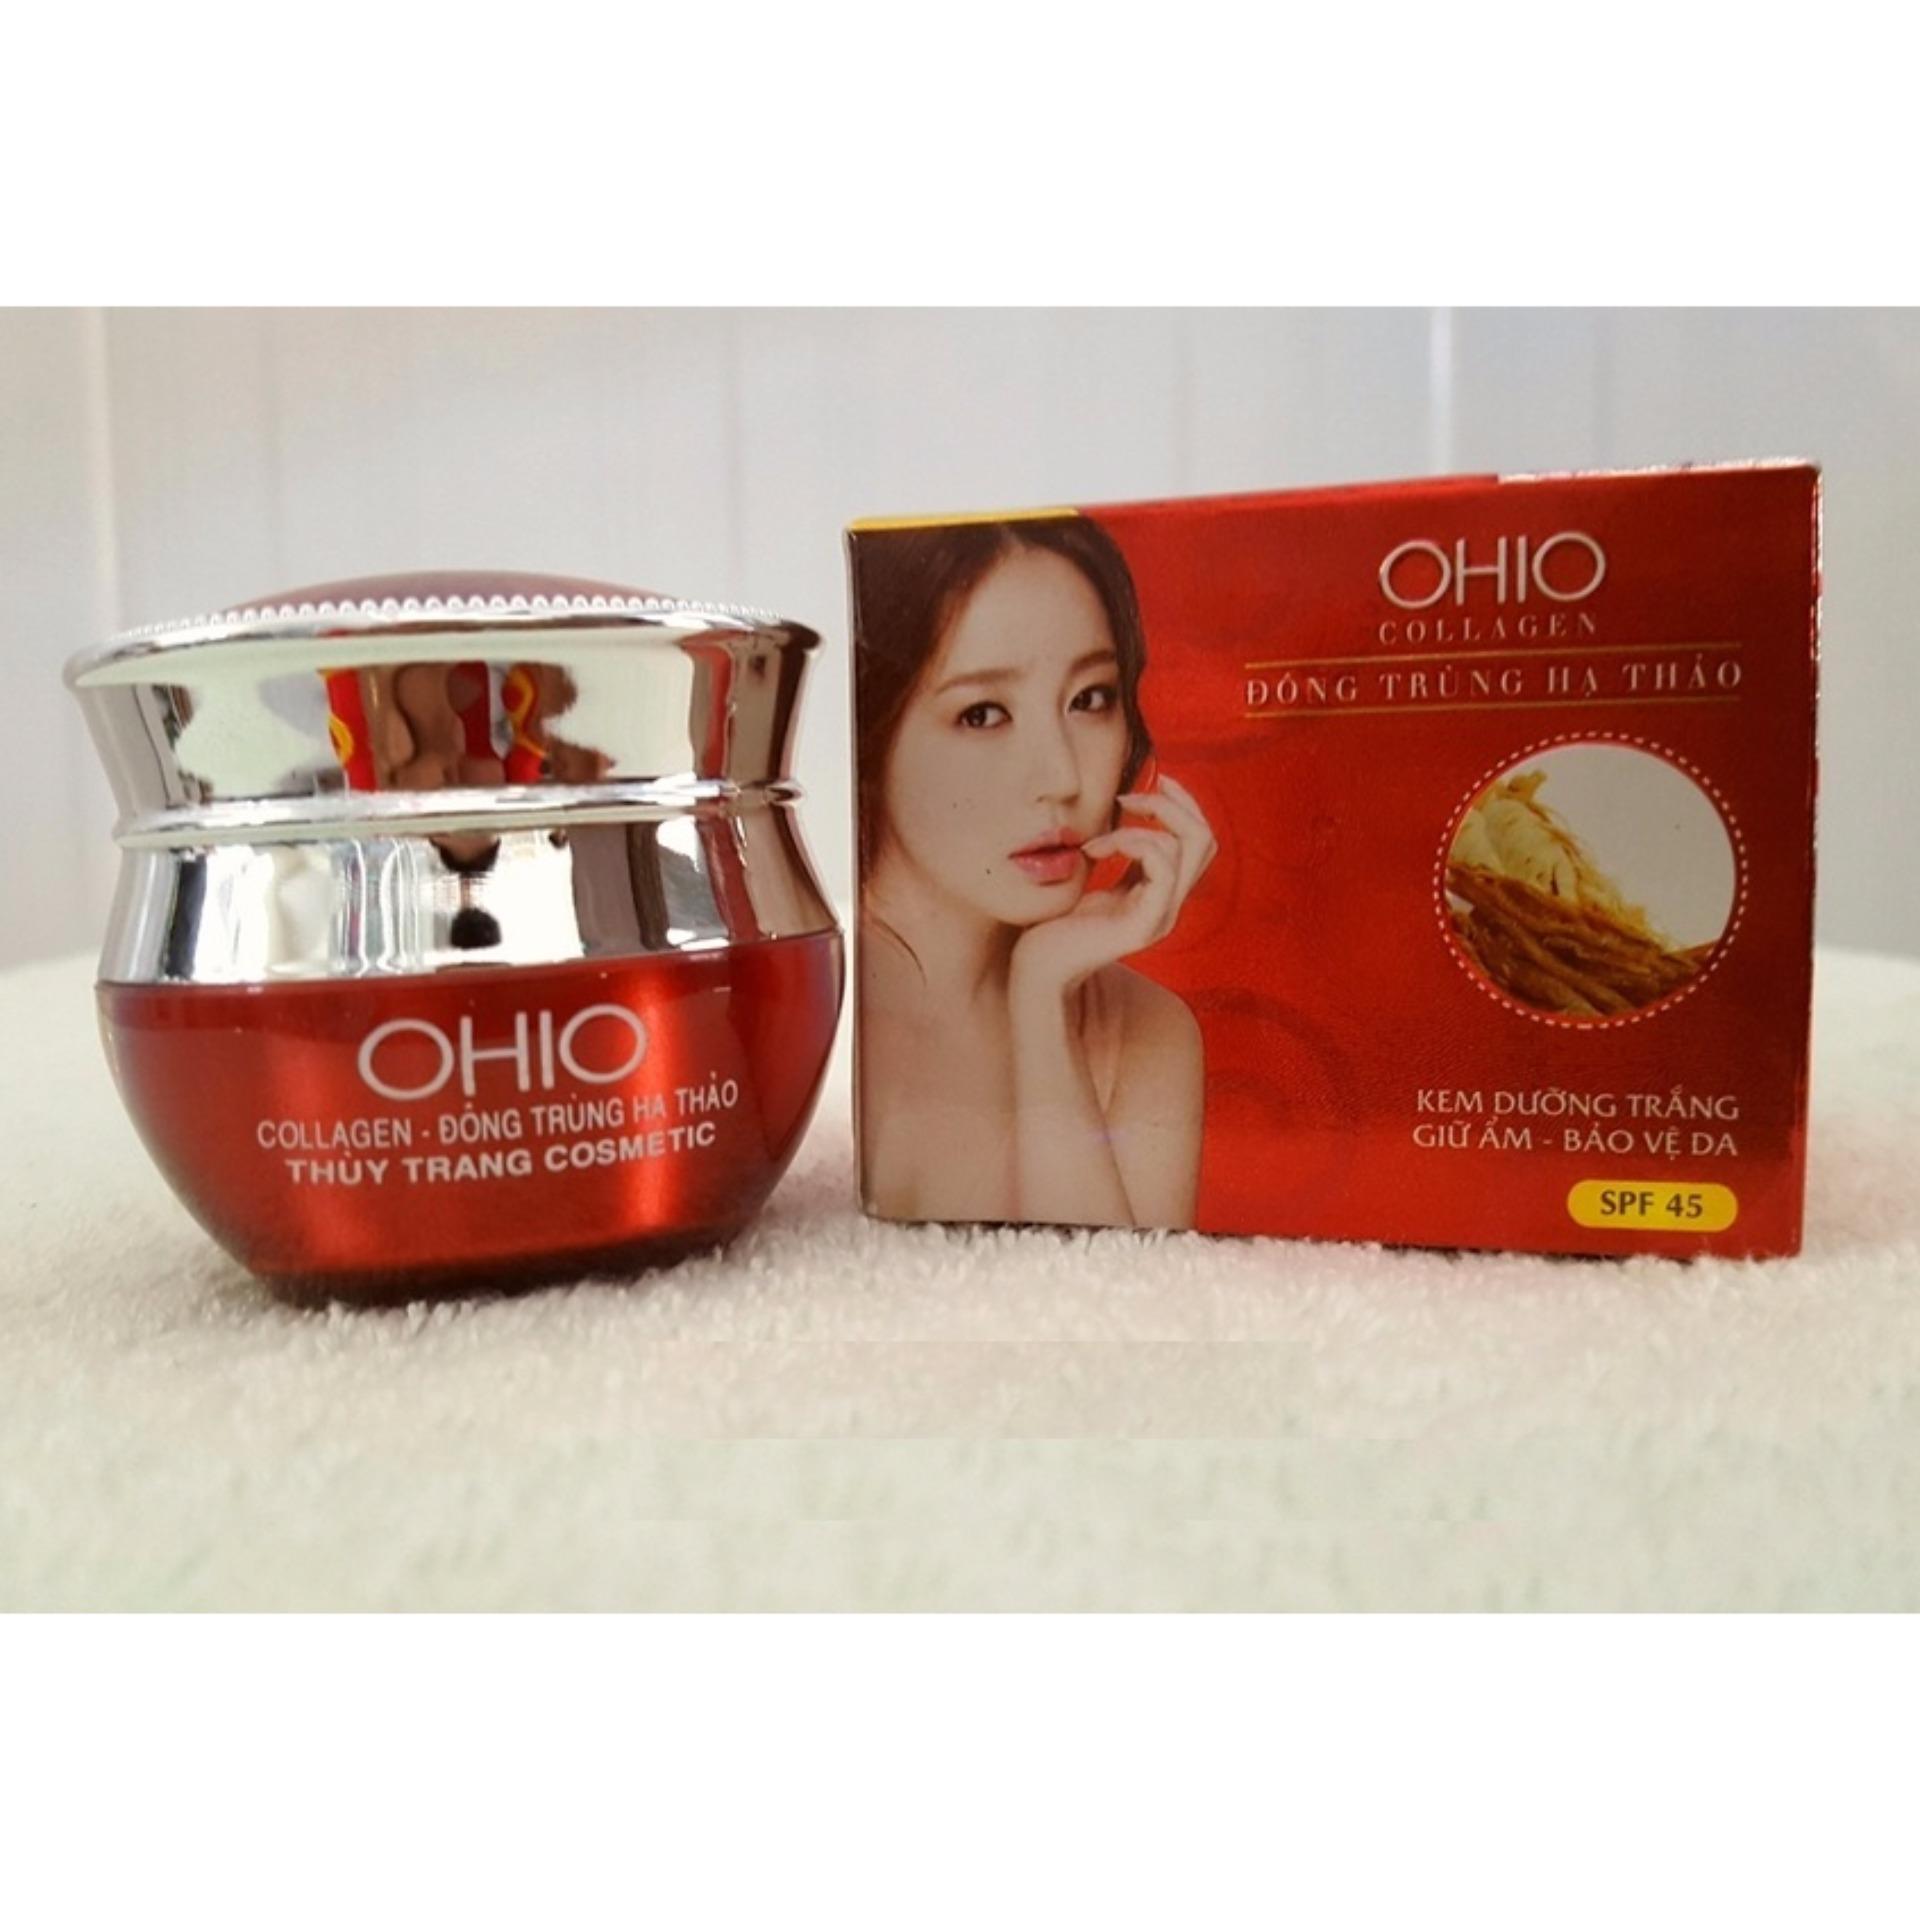 Hình ảnh Kem dưỡng trắng - Giữ ẩm - Bảo vệ da OHIO Collagen - Đông Trùng Hạ Thảo 20g